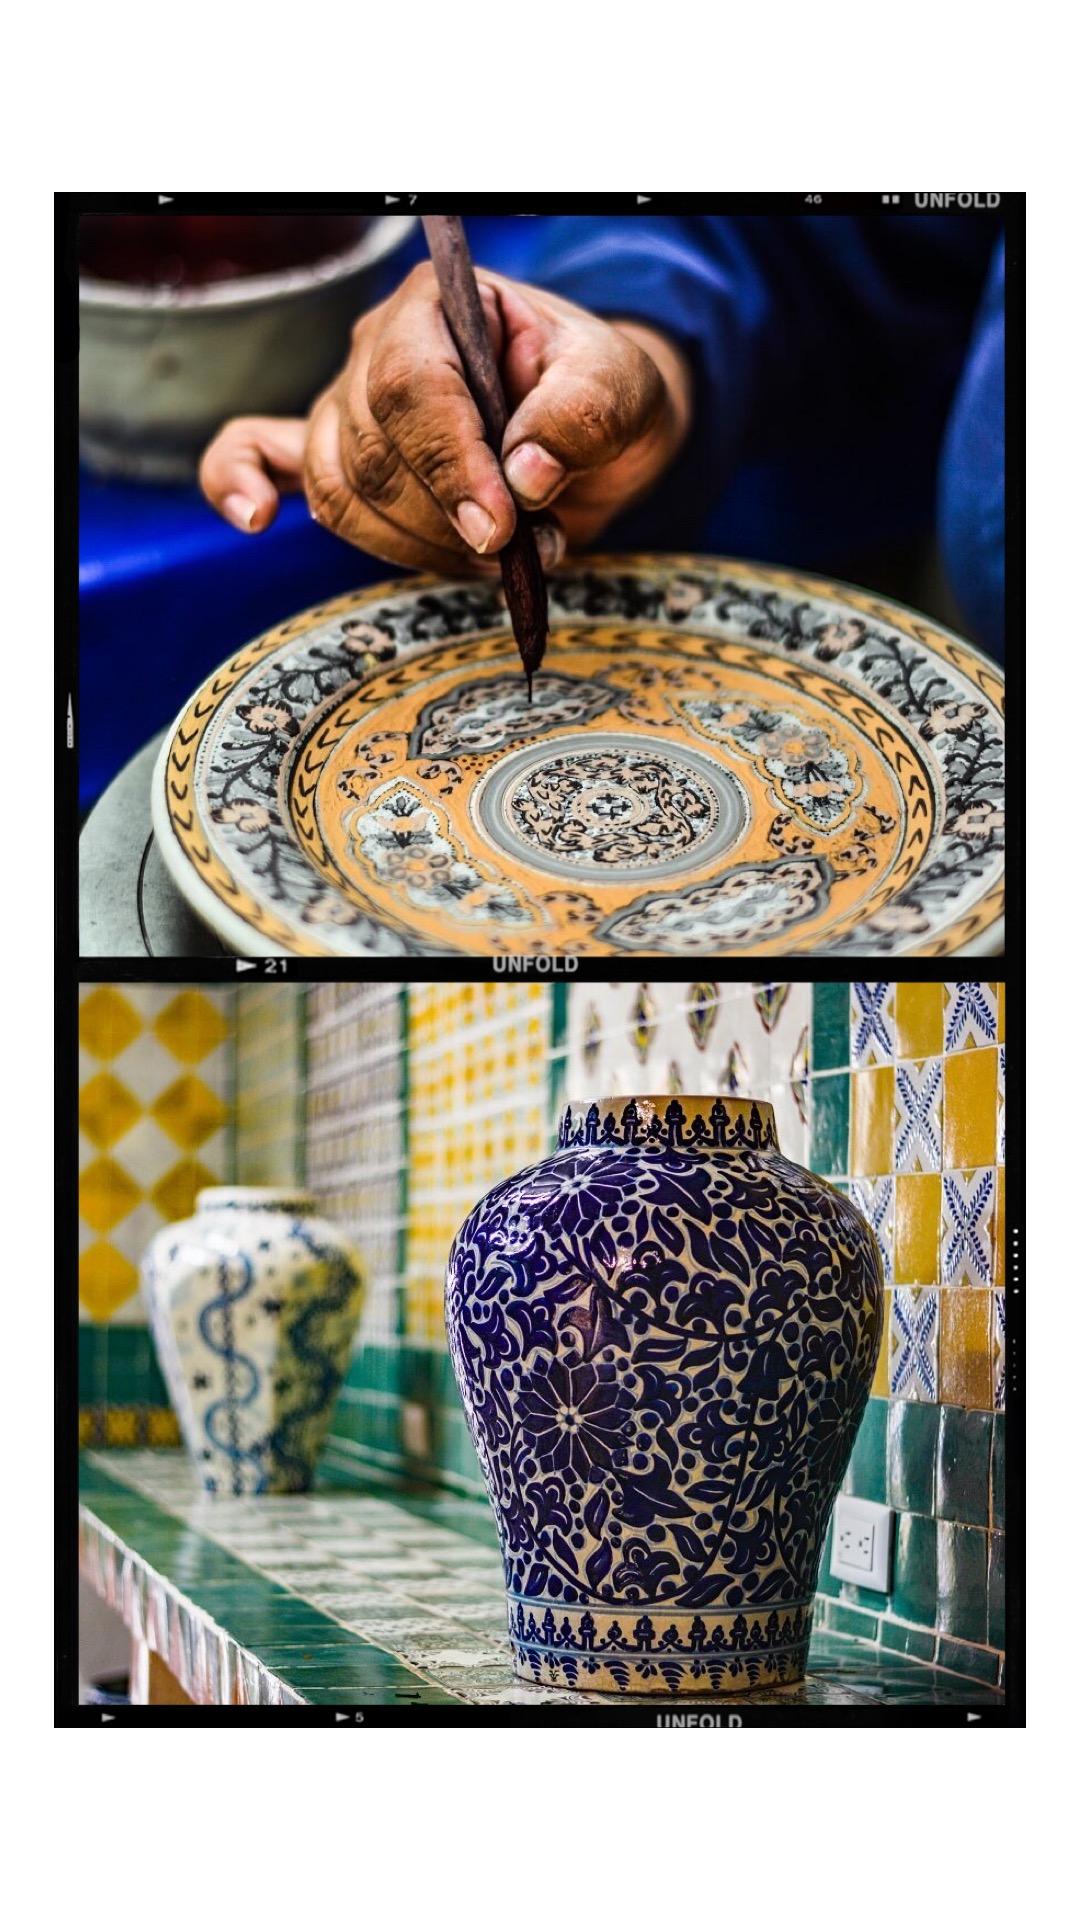 La Talavera, Patrimonio Cultural Inmaterial de la Humanidad